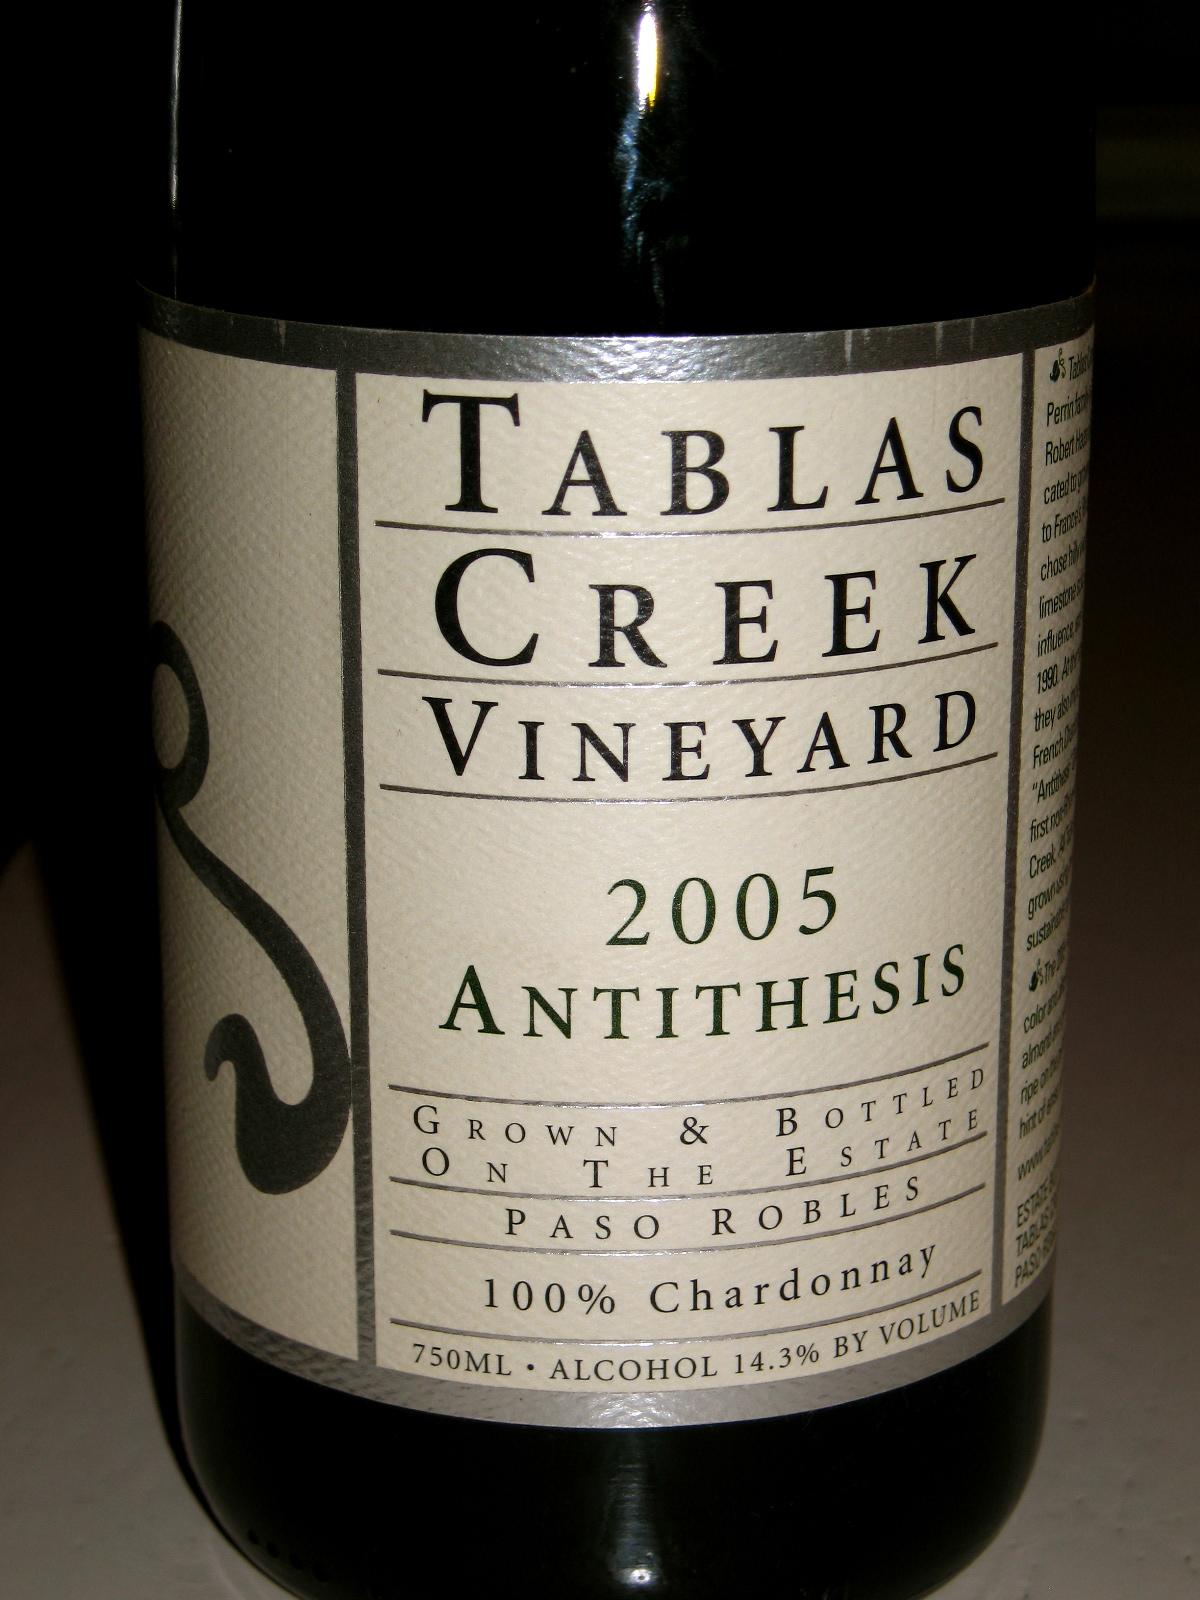 tablas creek antithesis Price history & market data for 2010 tablas creek vineyards antithesis chardonnay, paso robles, usa.